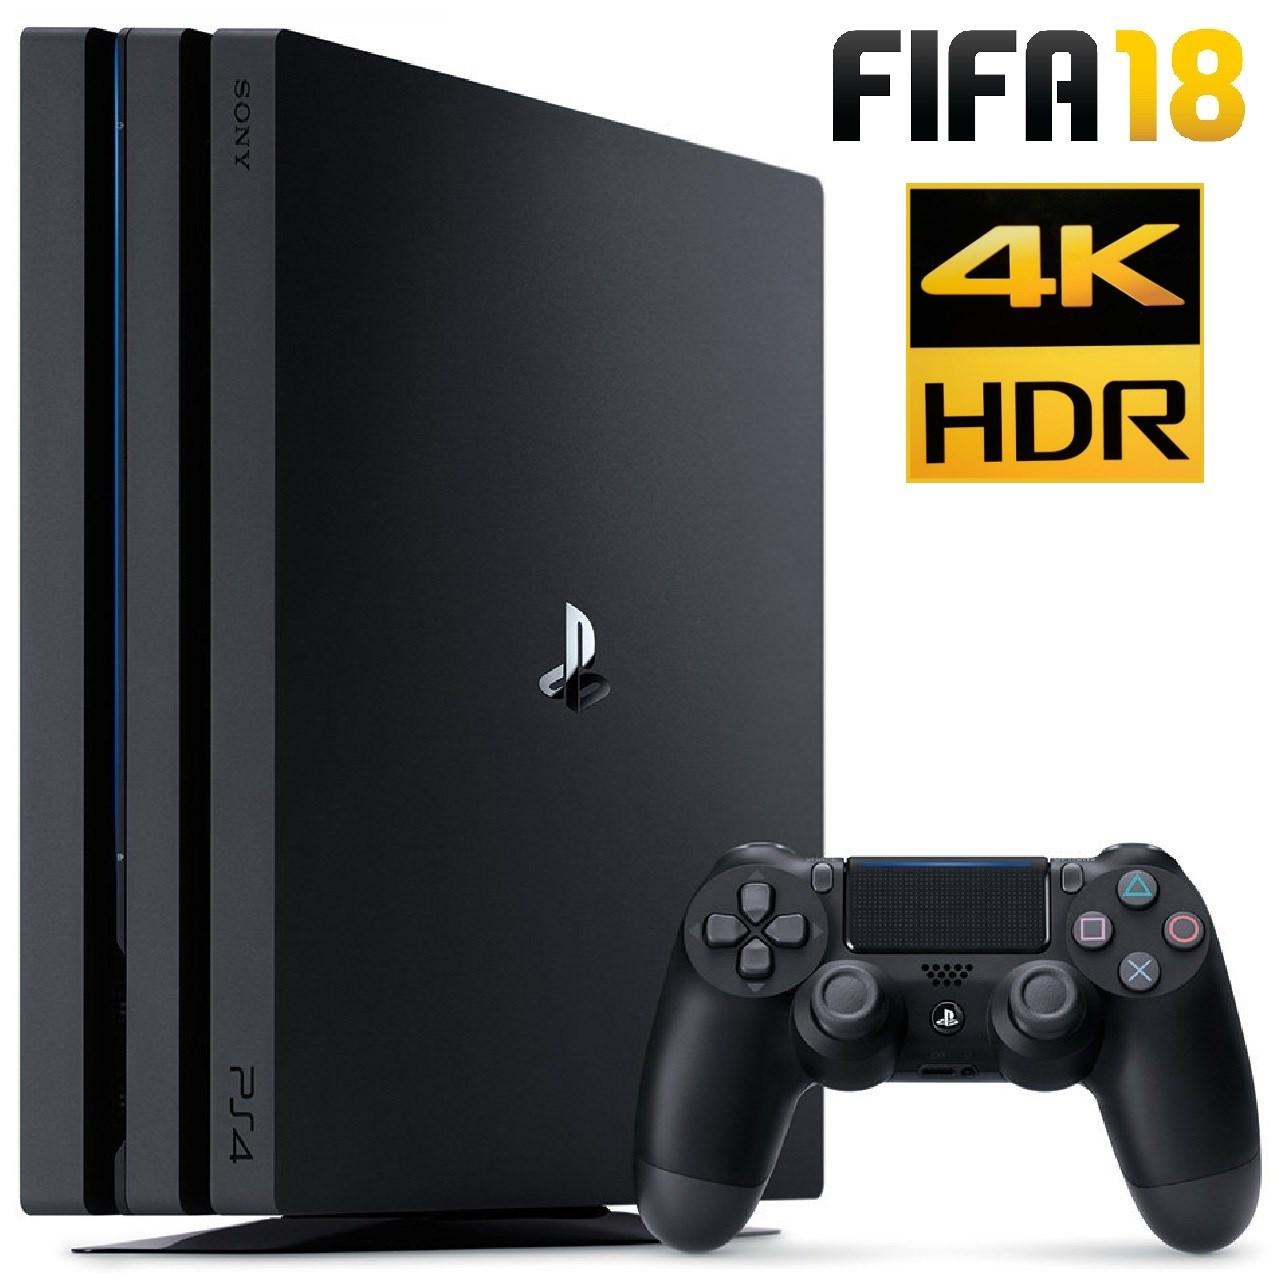 خرید مجموعه کنسول بازی سونی مدل Playstation 4 Pro ریجن 2 کد CUH-7116B ظرفیت 1 ترابایت